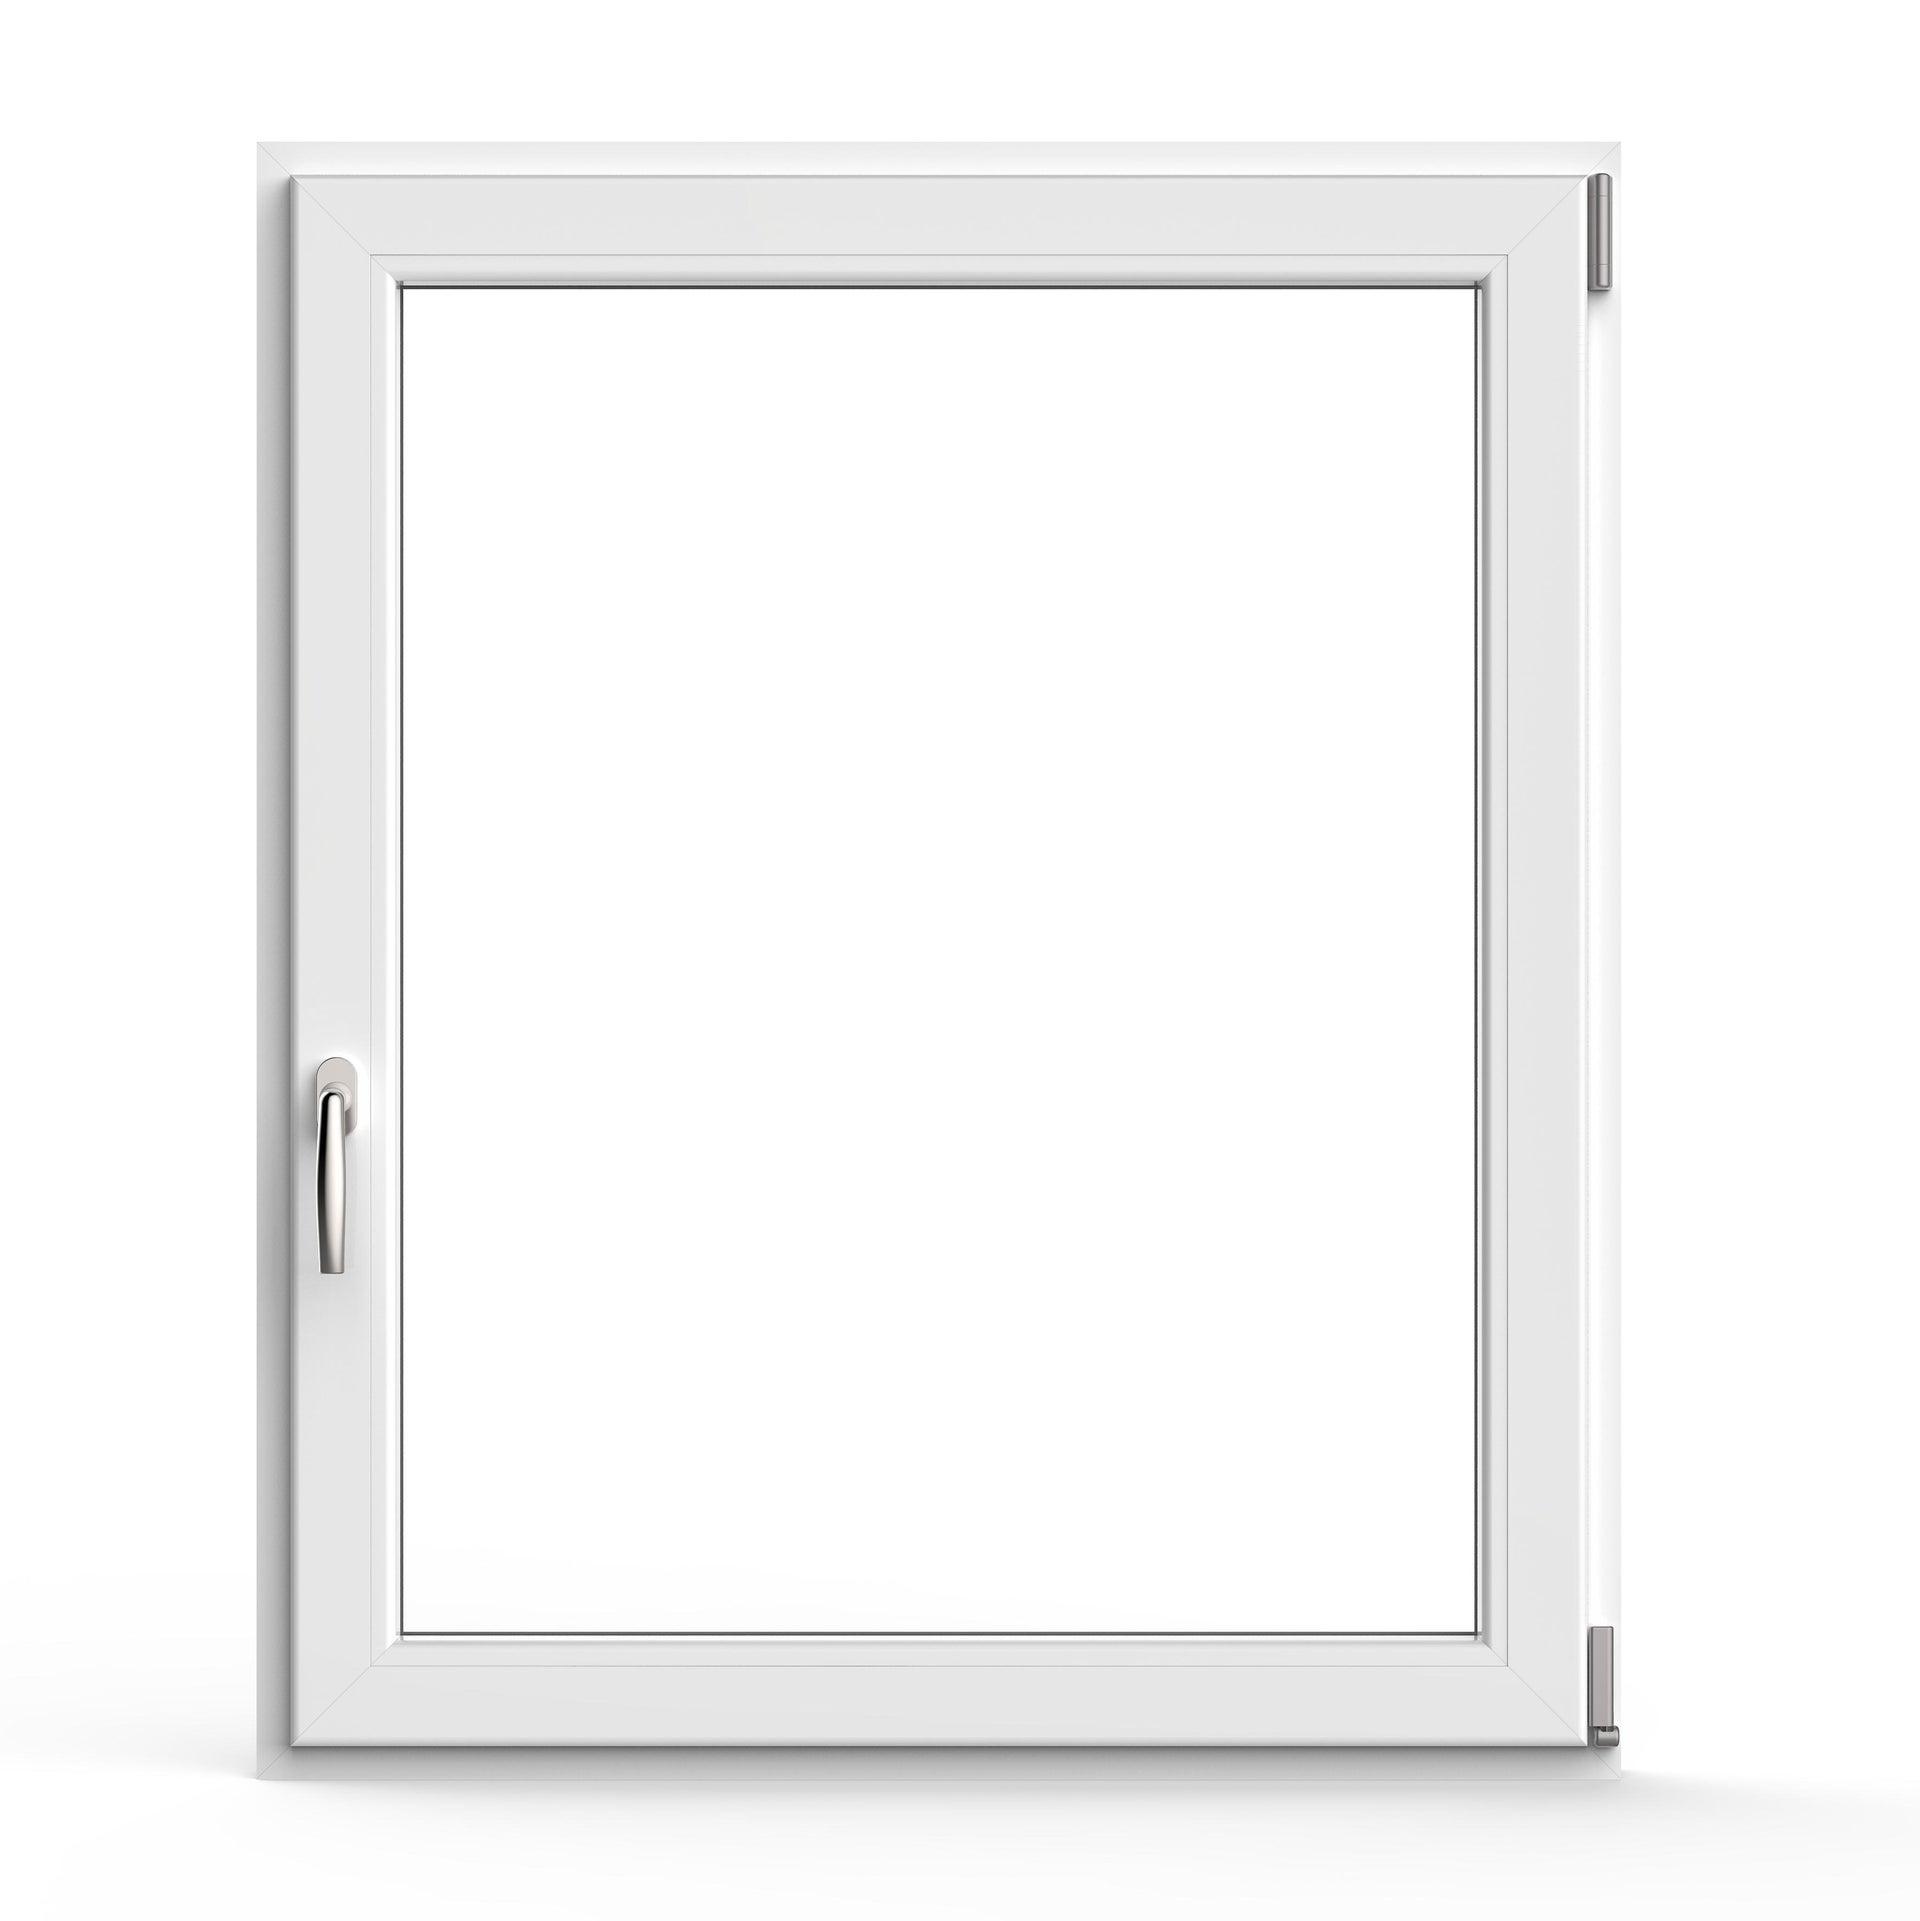 Finestra in pvc bianco L 100 x H 120 cm, 1 anta oscillo-battente apertura destra - 1